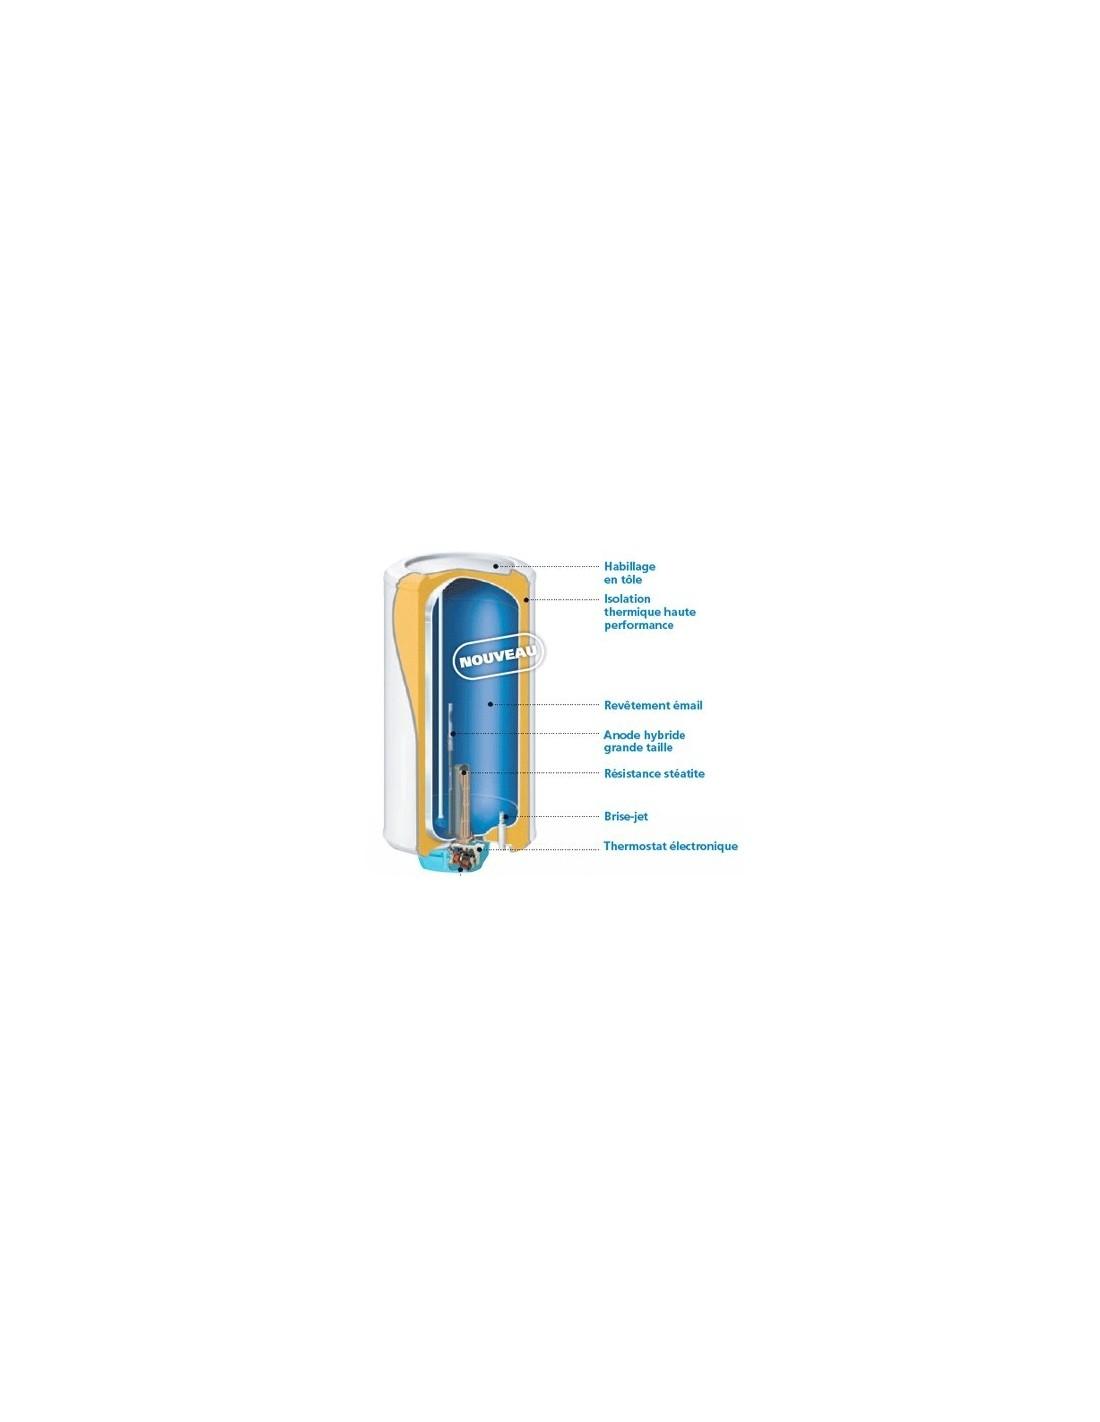 chauffe eau 300l atlantic zeneo aci hybride sur socle 2200w. Black Bedroom Furniture Sets. Home Design Ideas